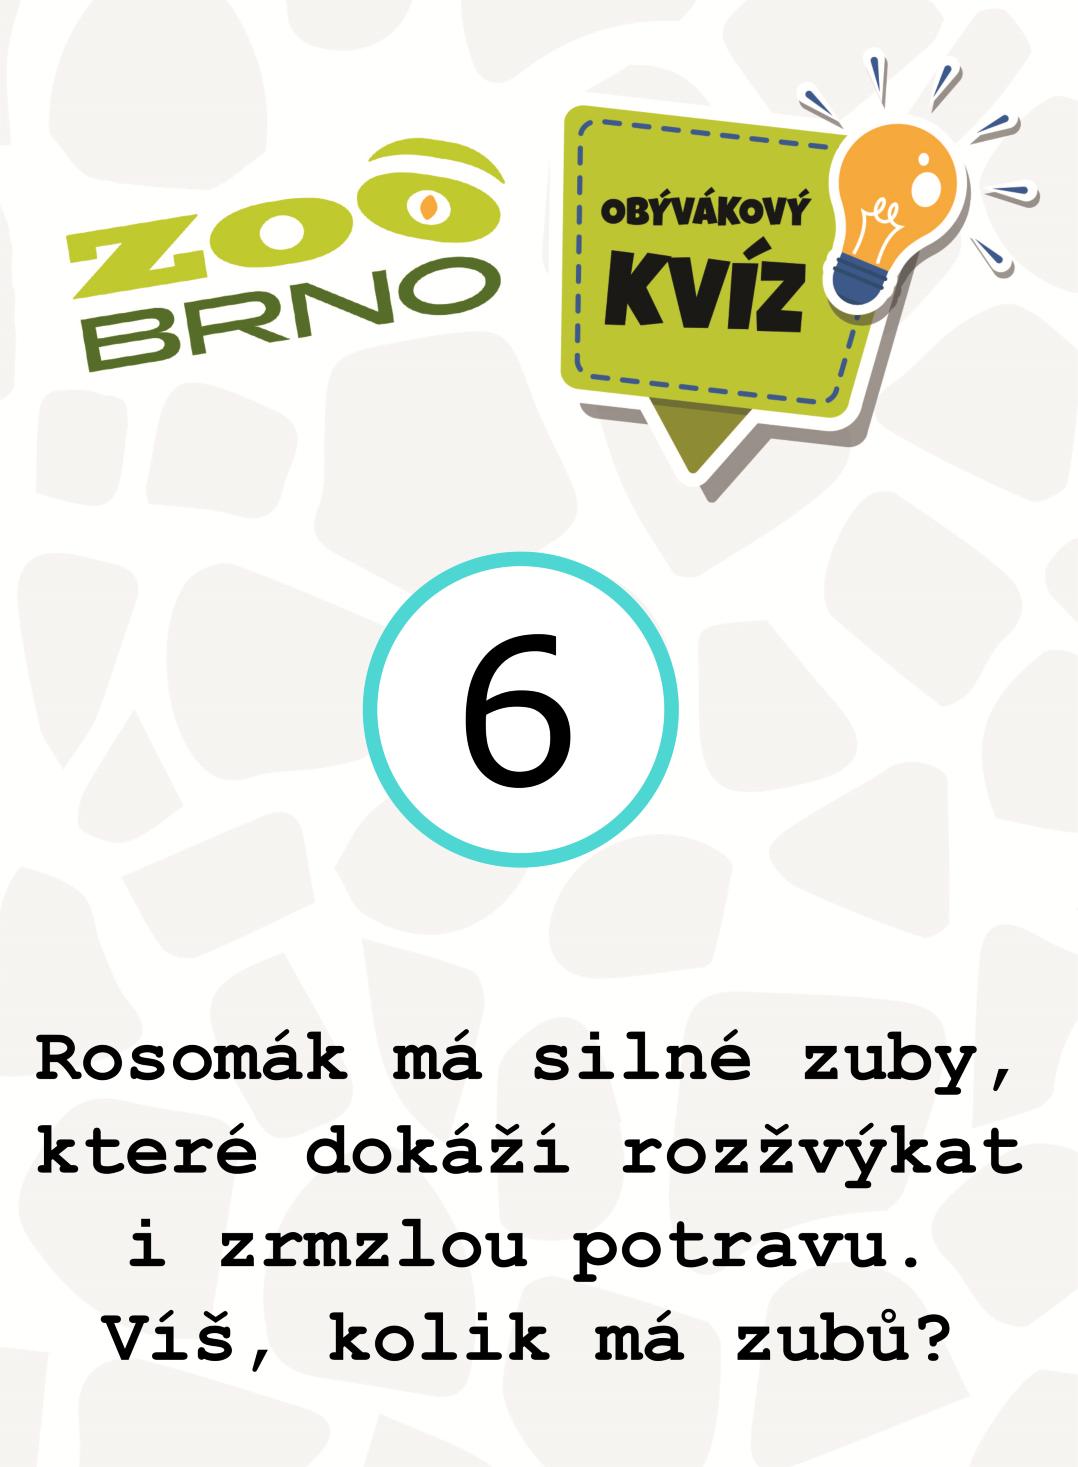 _otazka6_rosomak